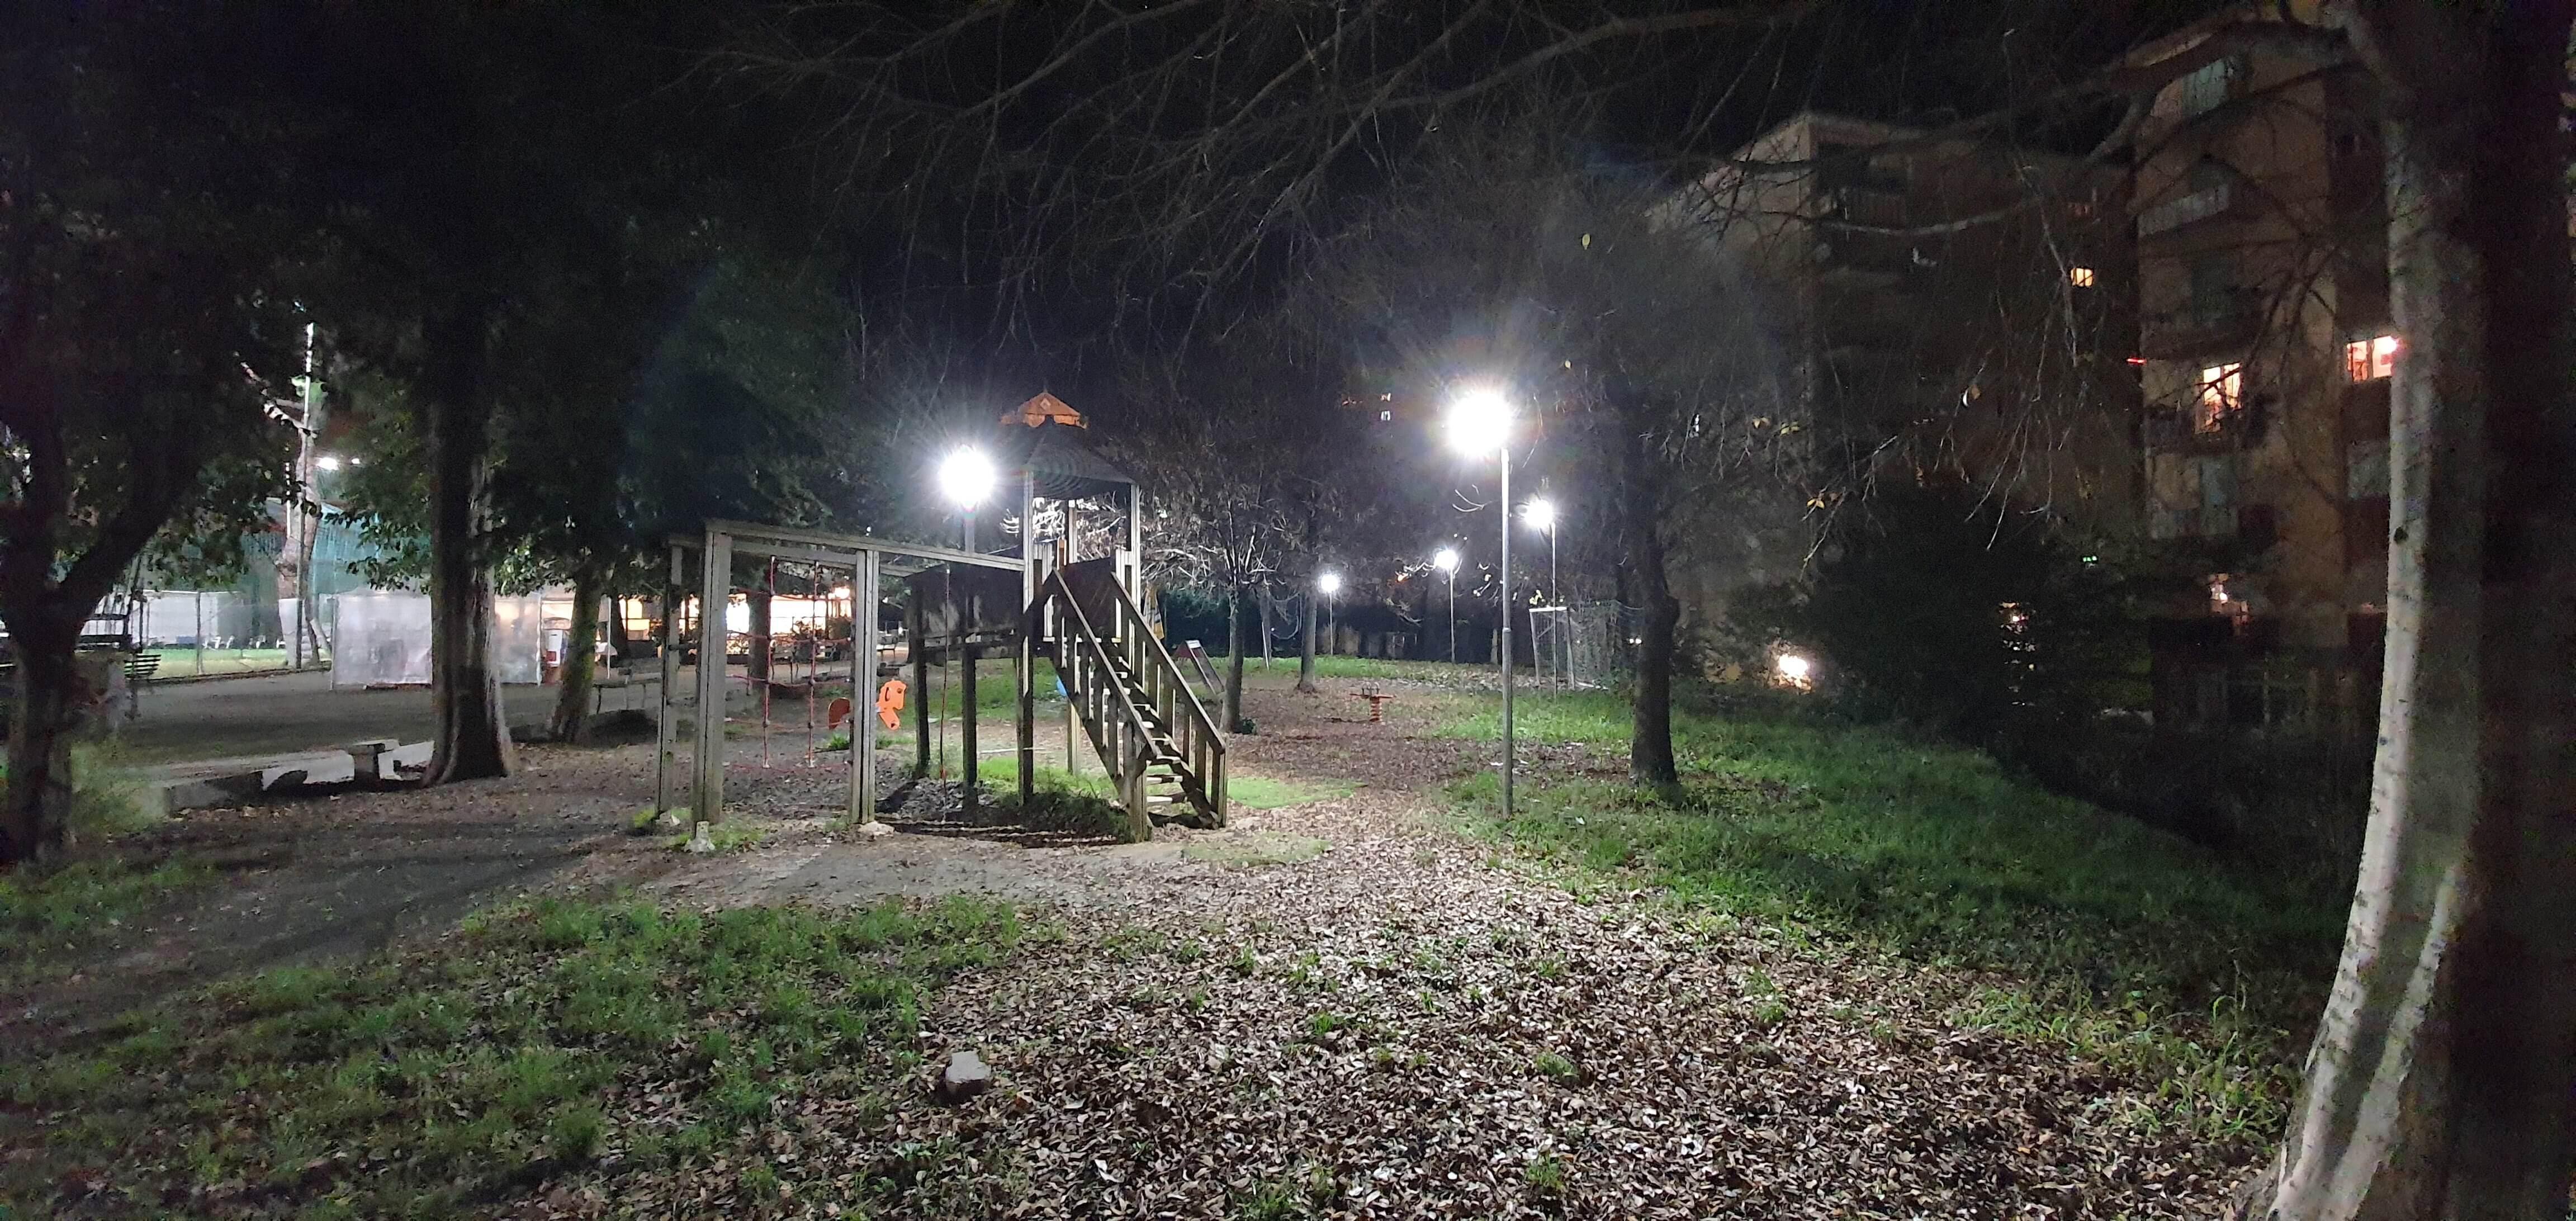 Centro-sportivo-le-giraffe-dlf-la-spezia-4